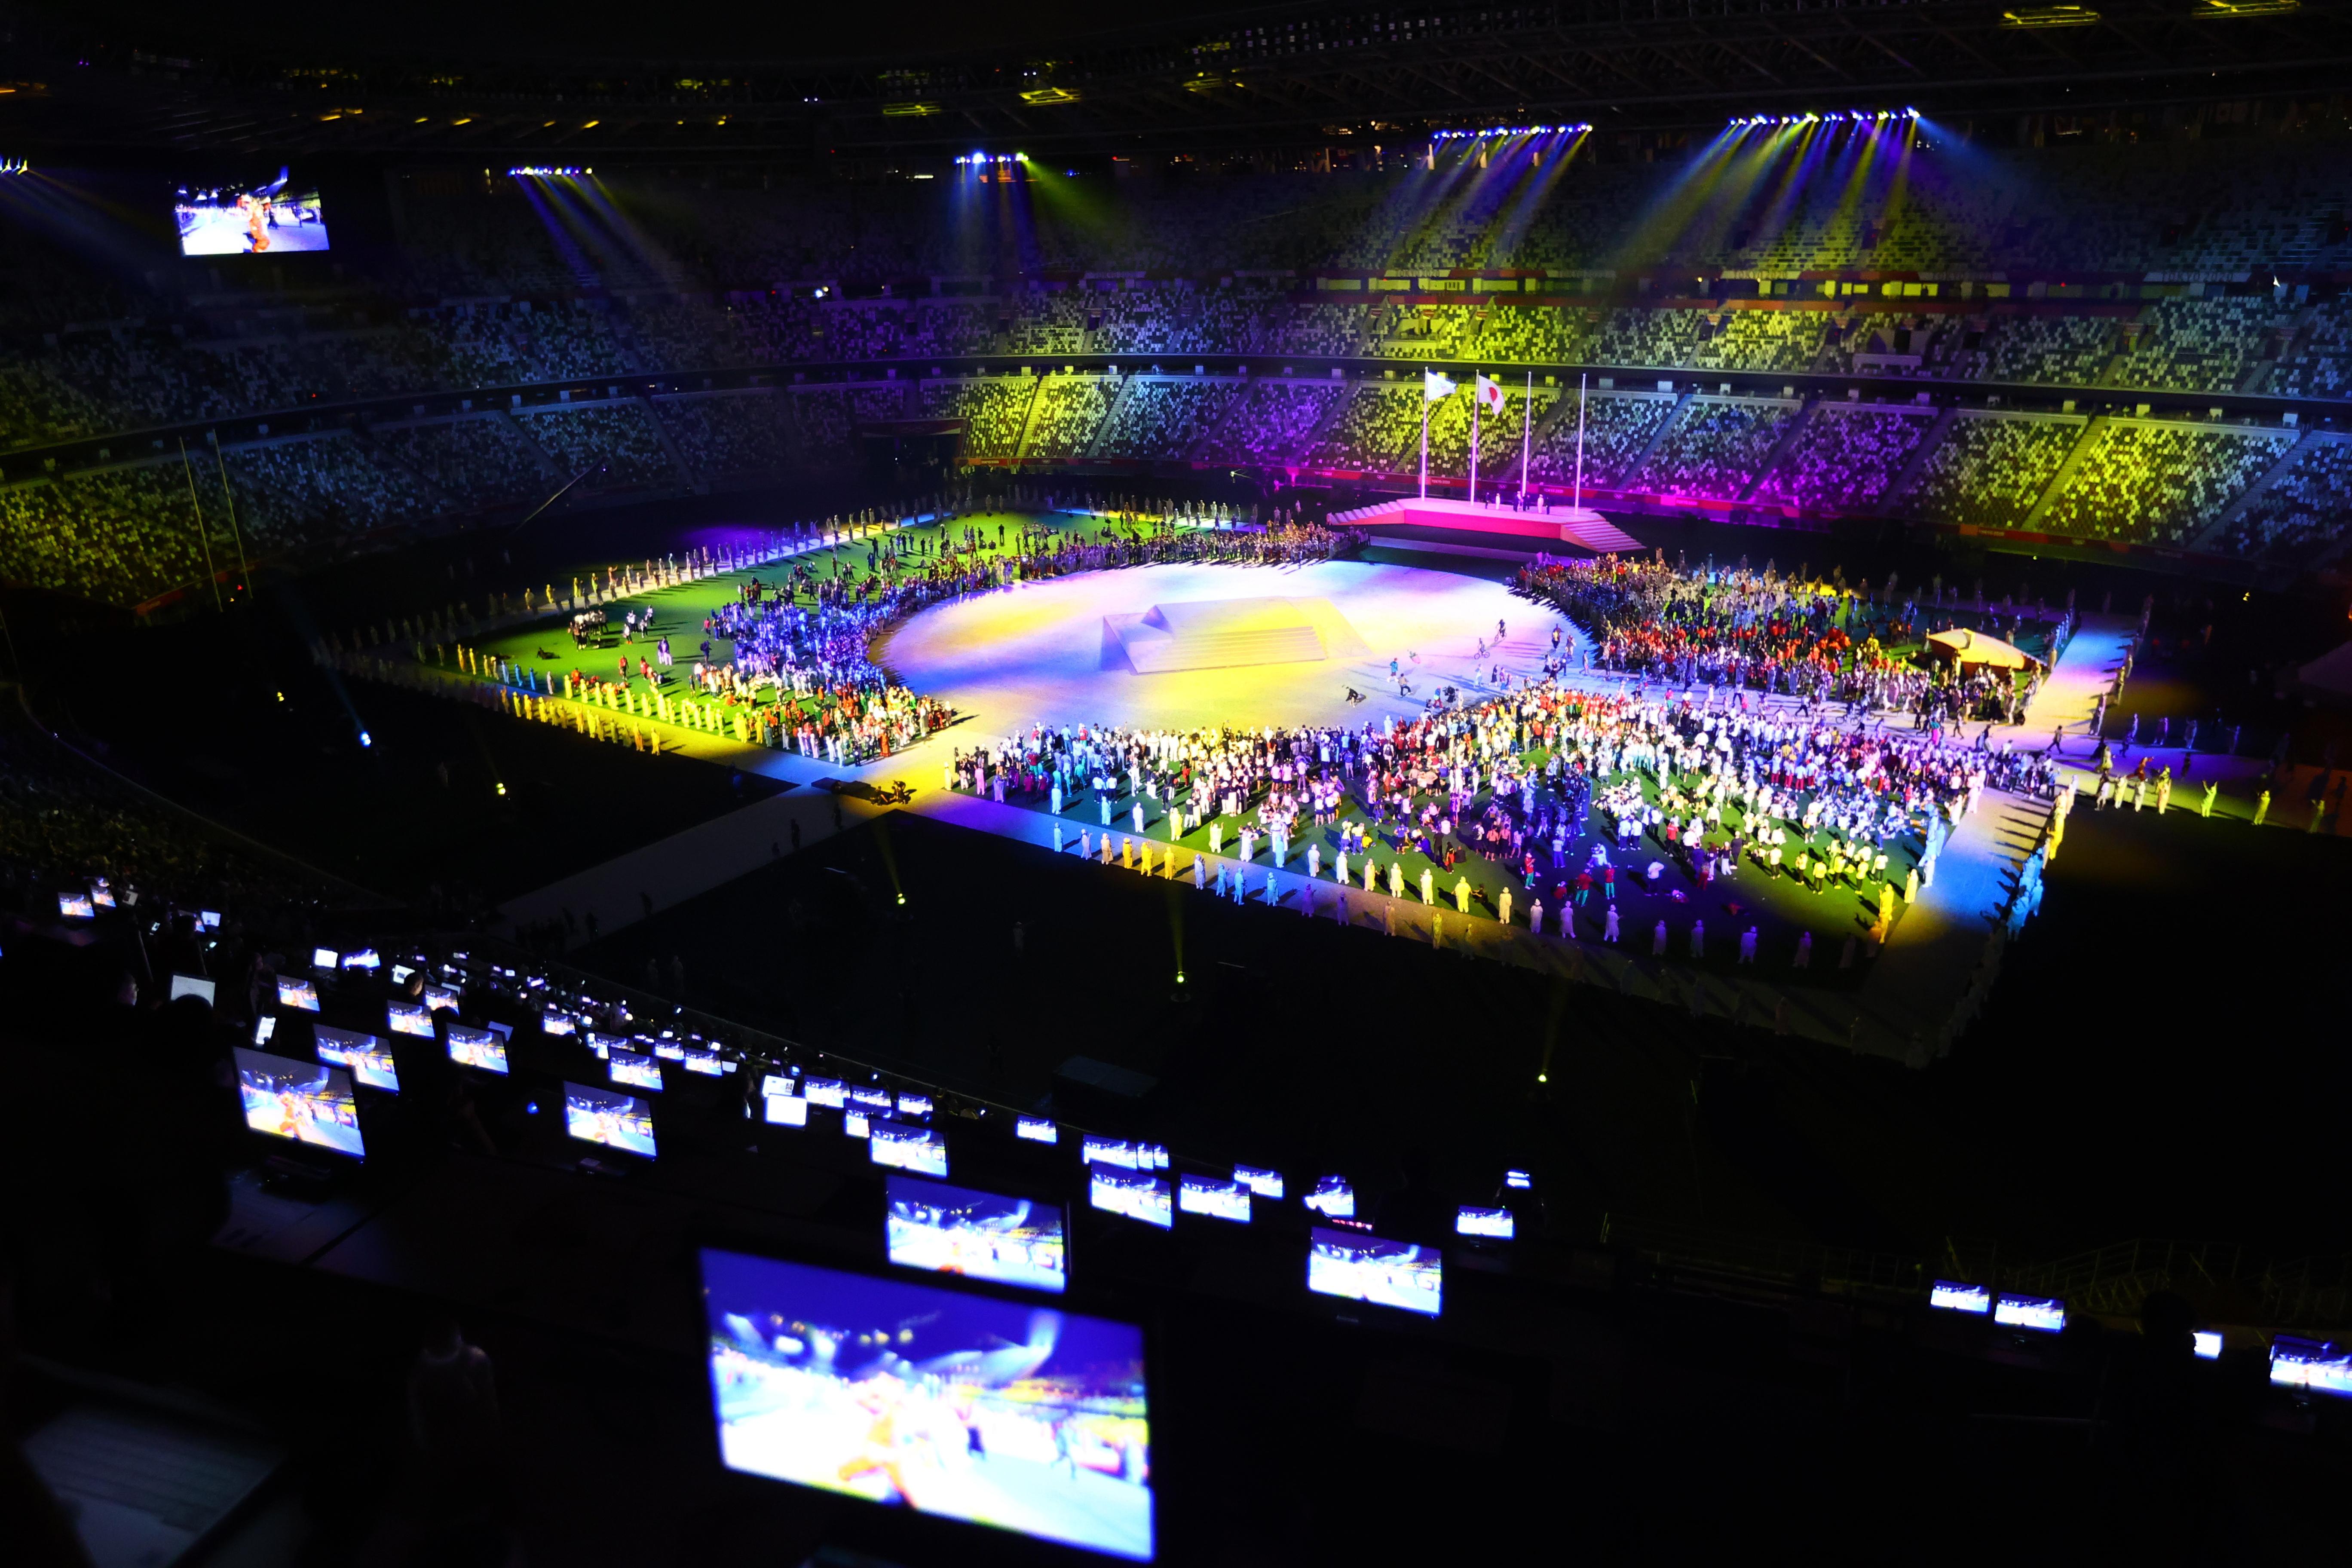 क्लोजिंग सेरेमनी के लिए ओलिंपिक स्टेडियम को कुछ इस प्रकार सजाया गया था।